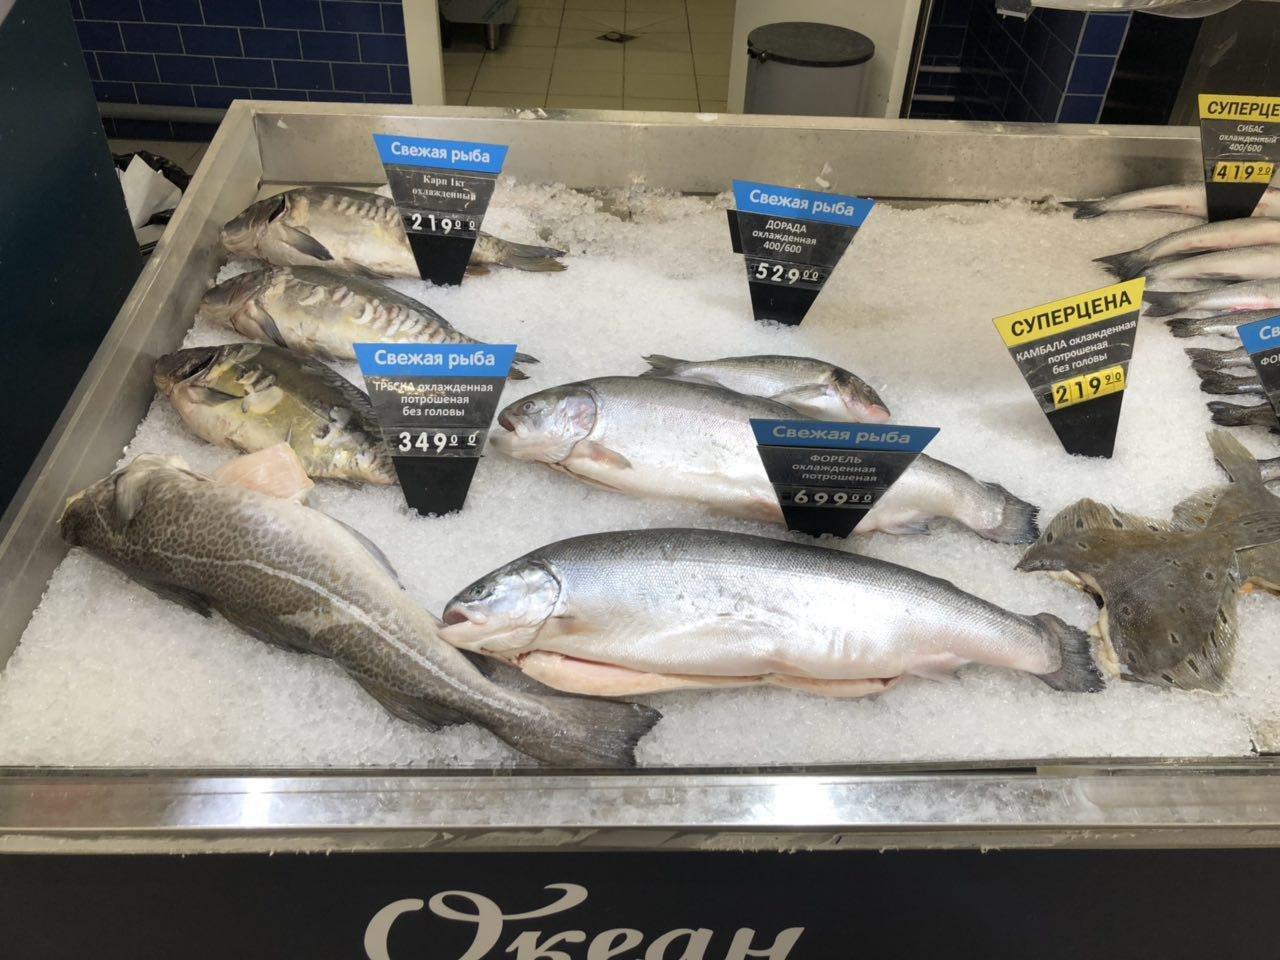 «Сказка про золотую рыбку»: эксперт о проблемах рыбной отрасли в России